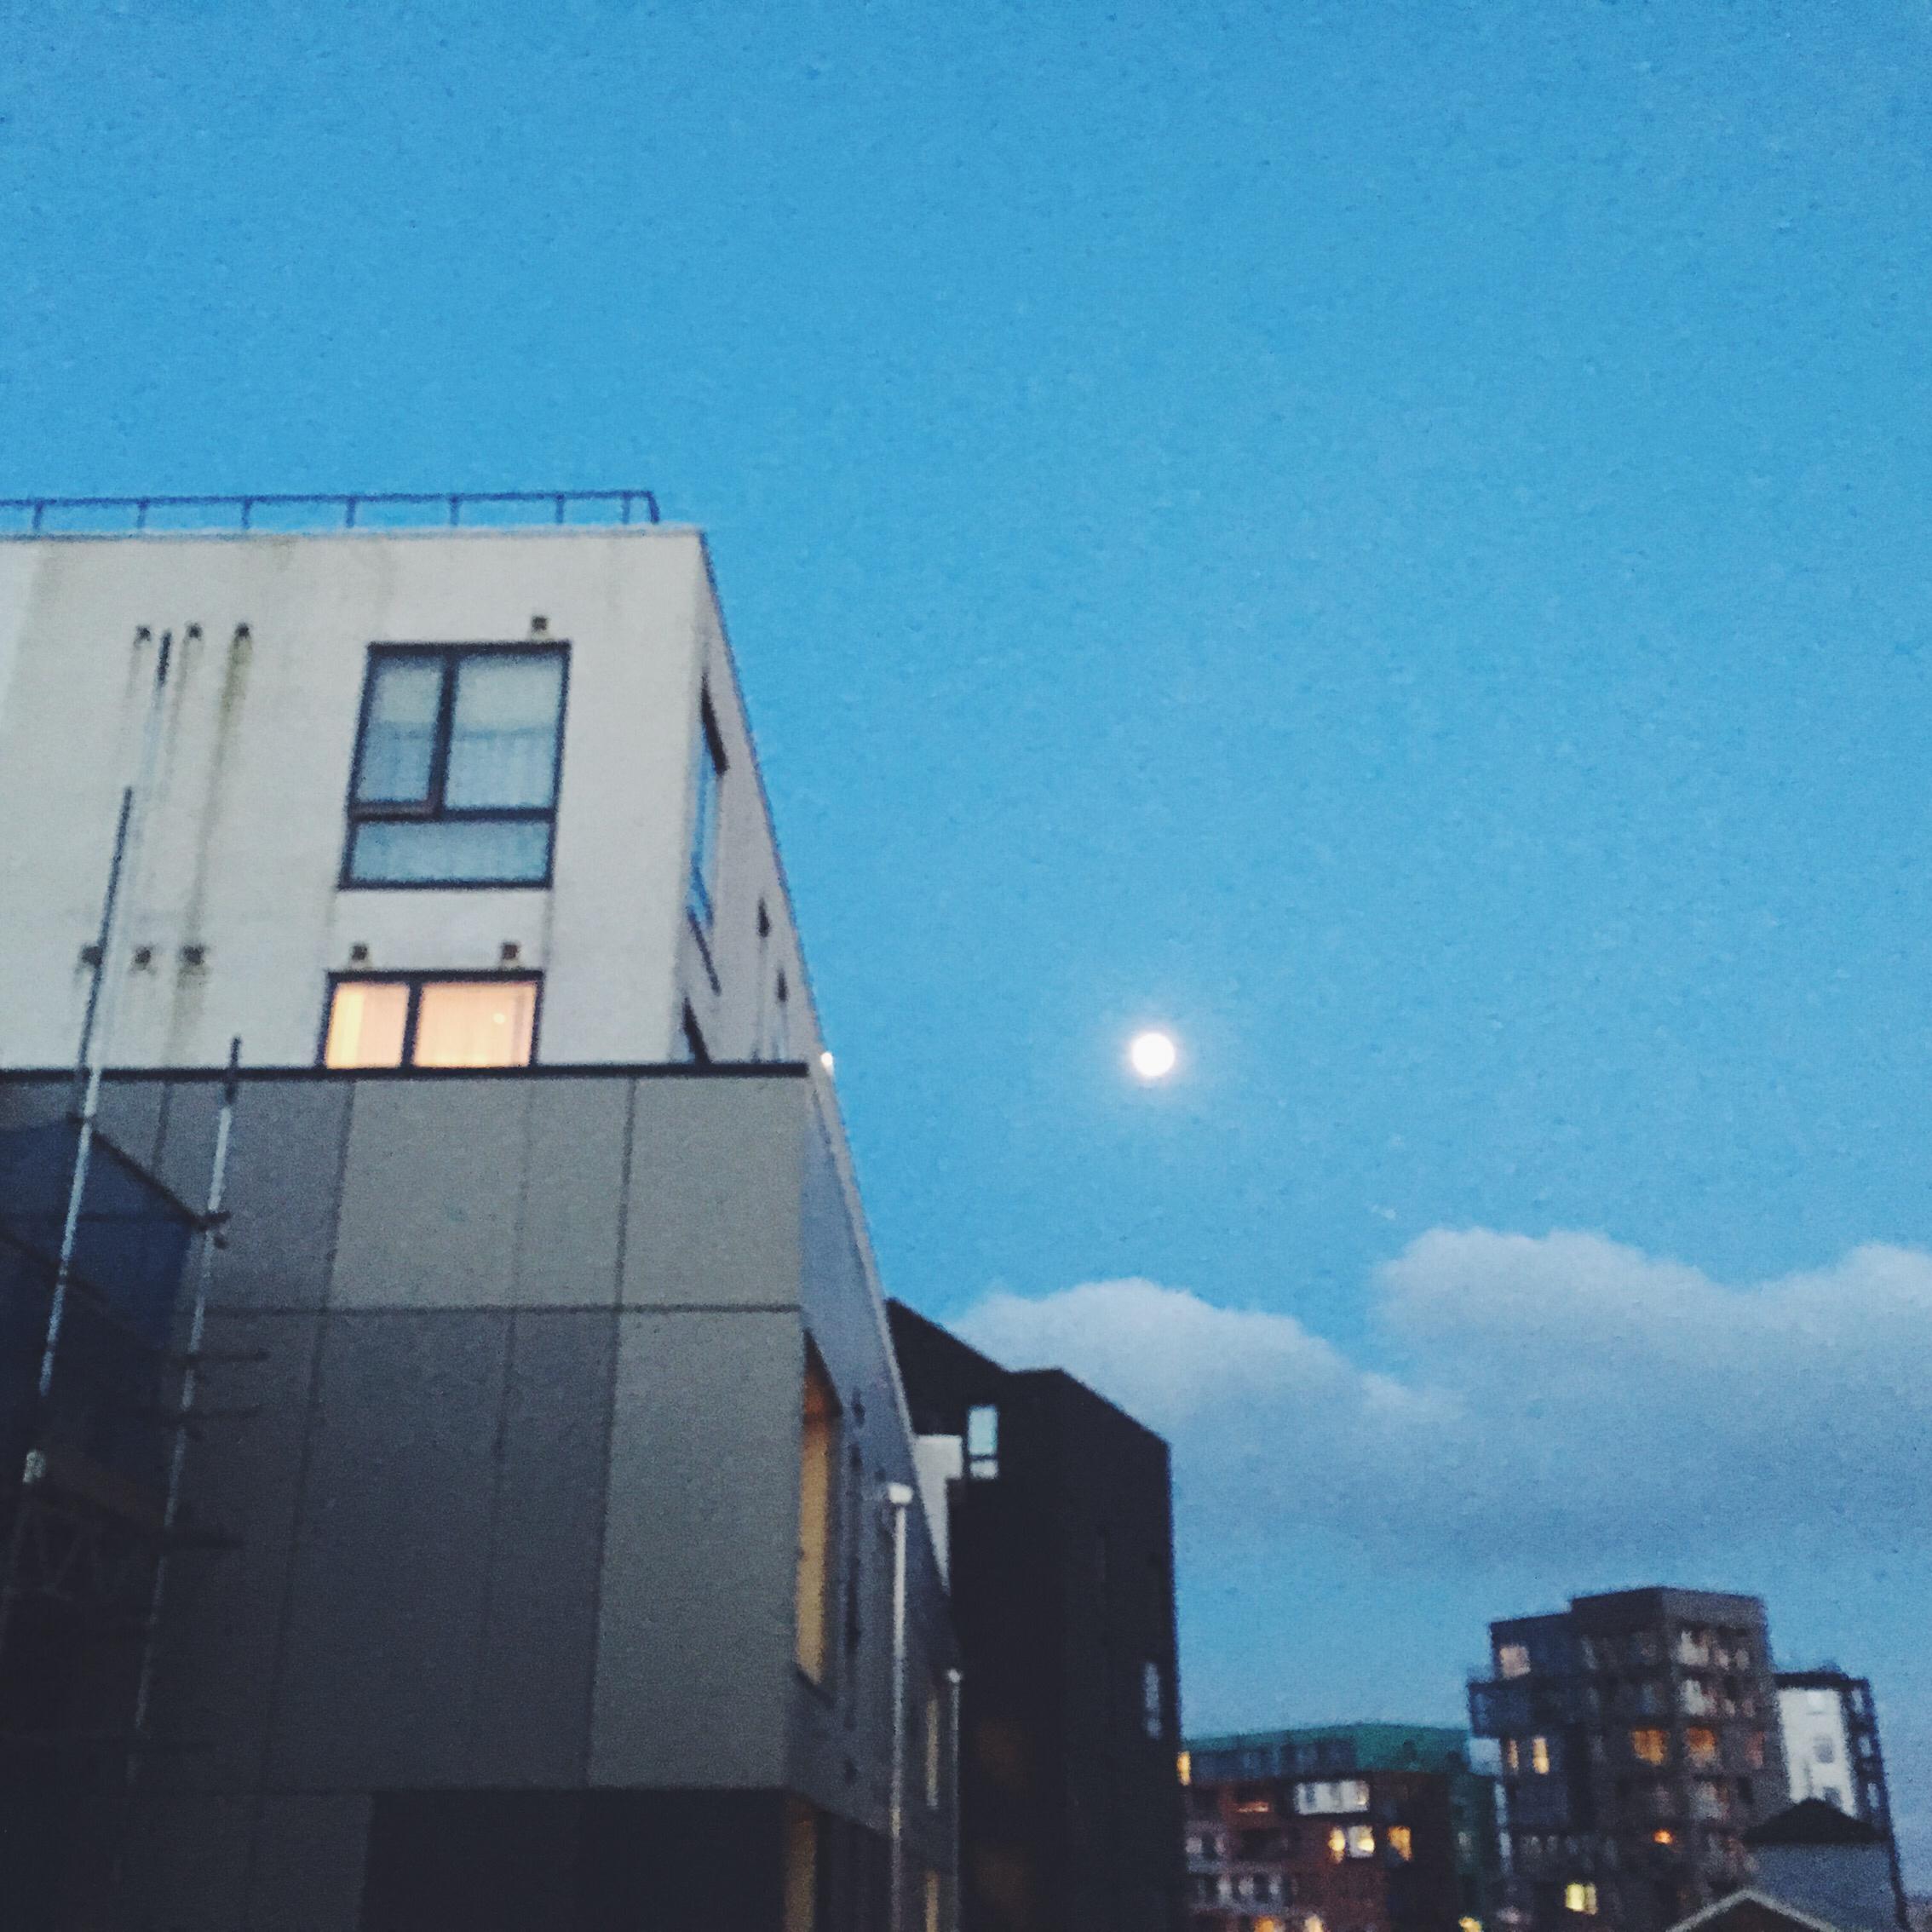 A Moon Shaped Moon